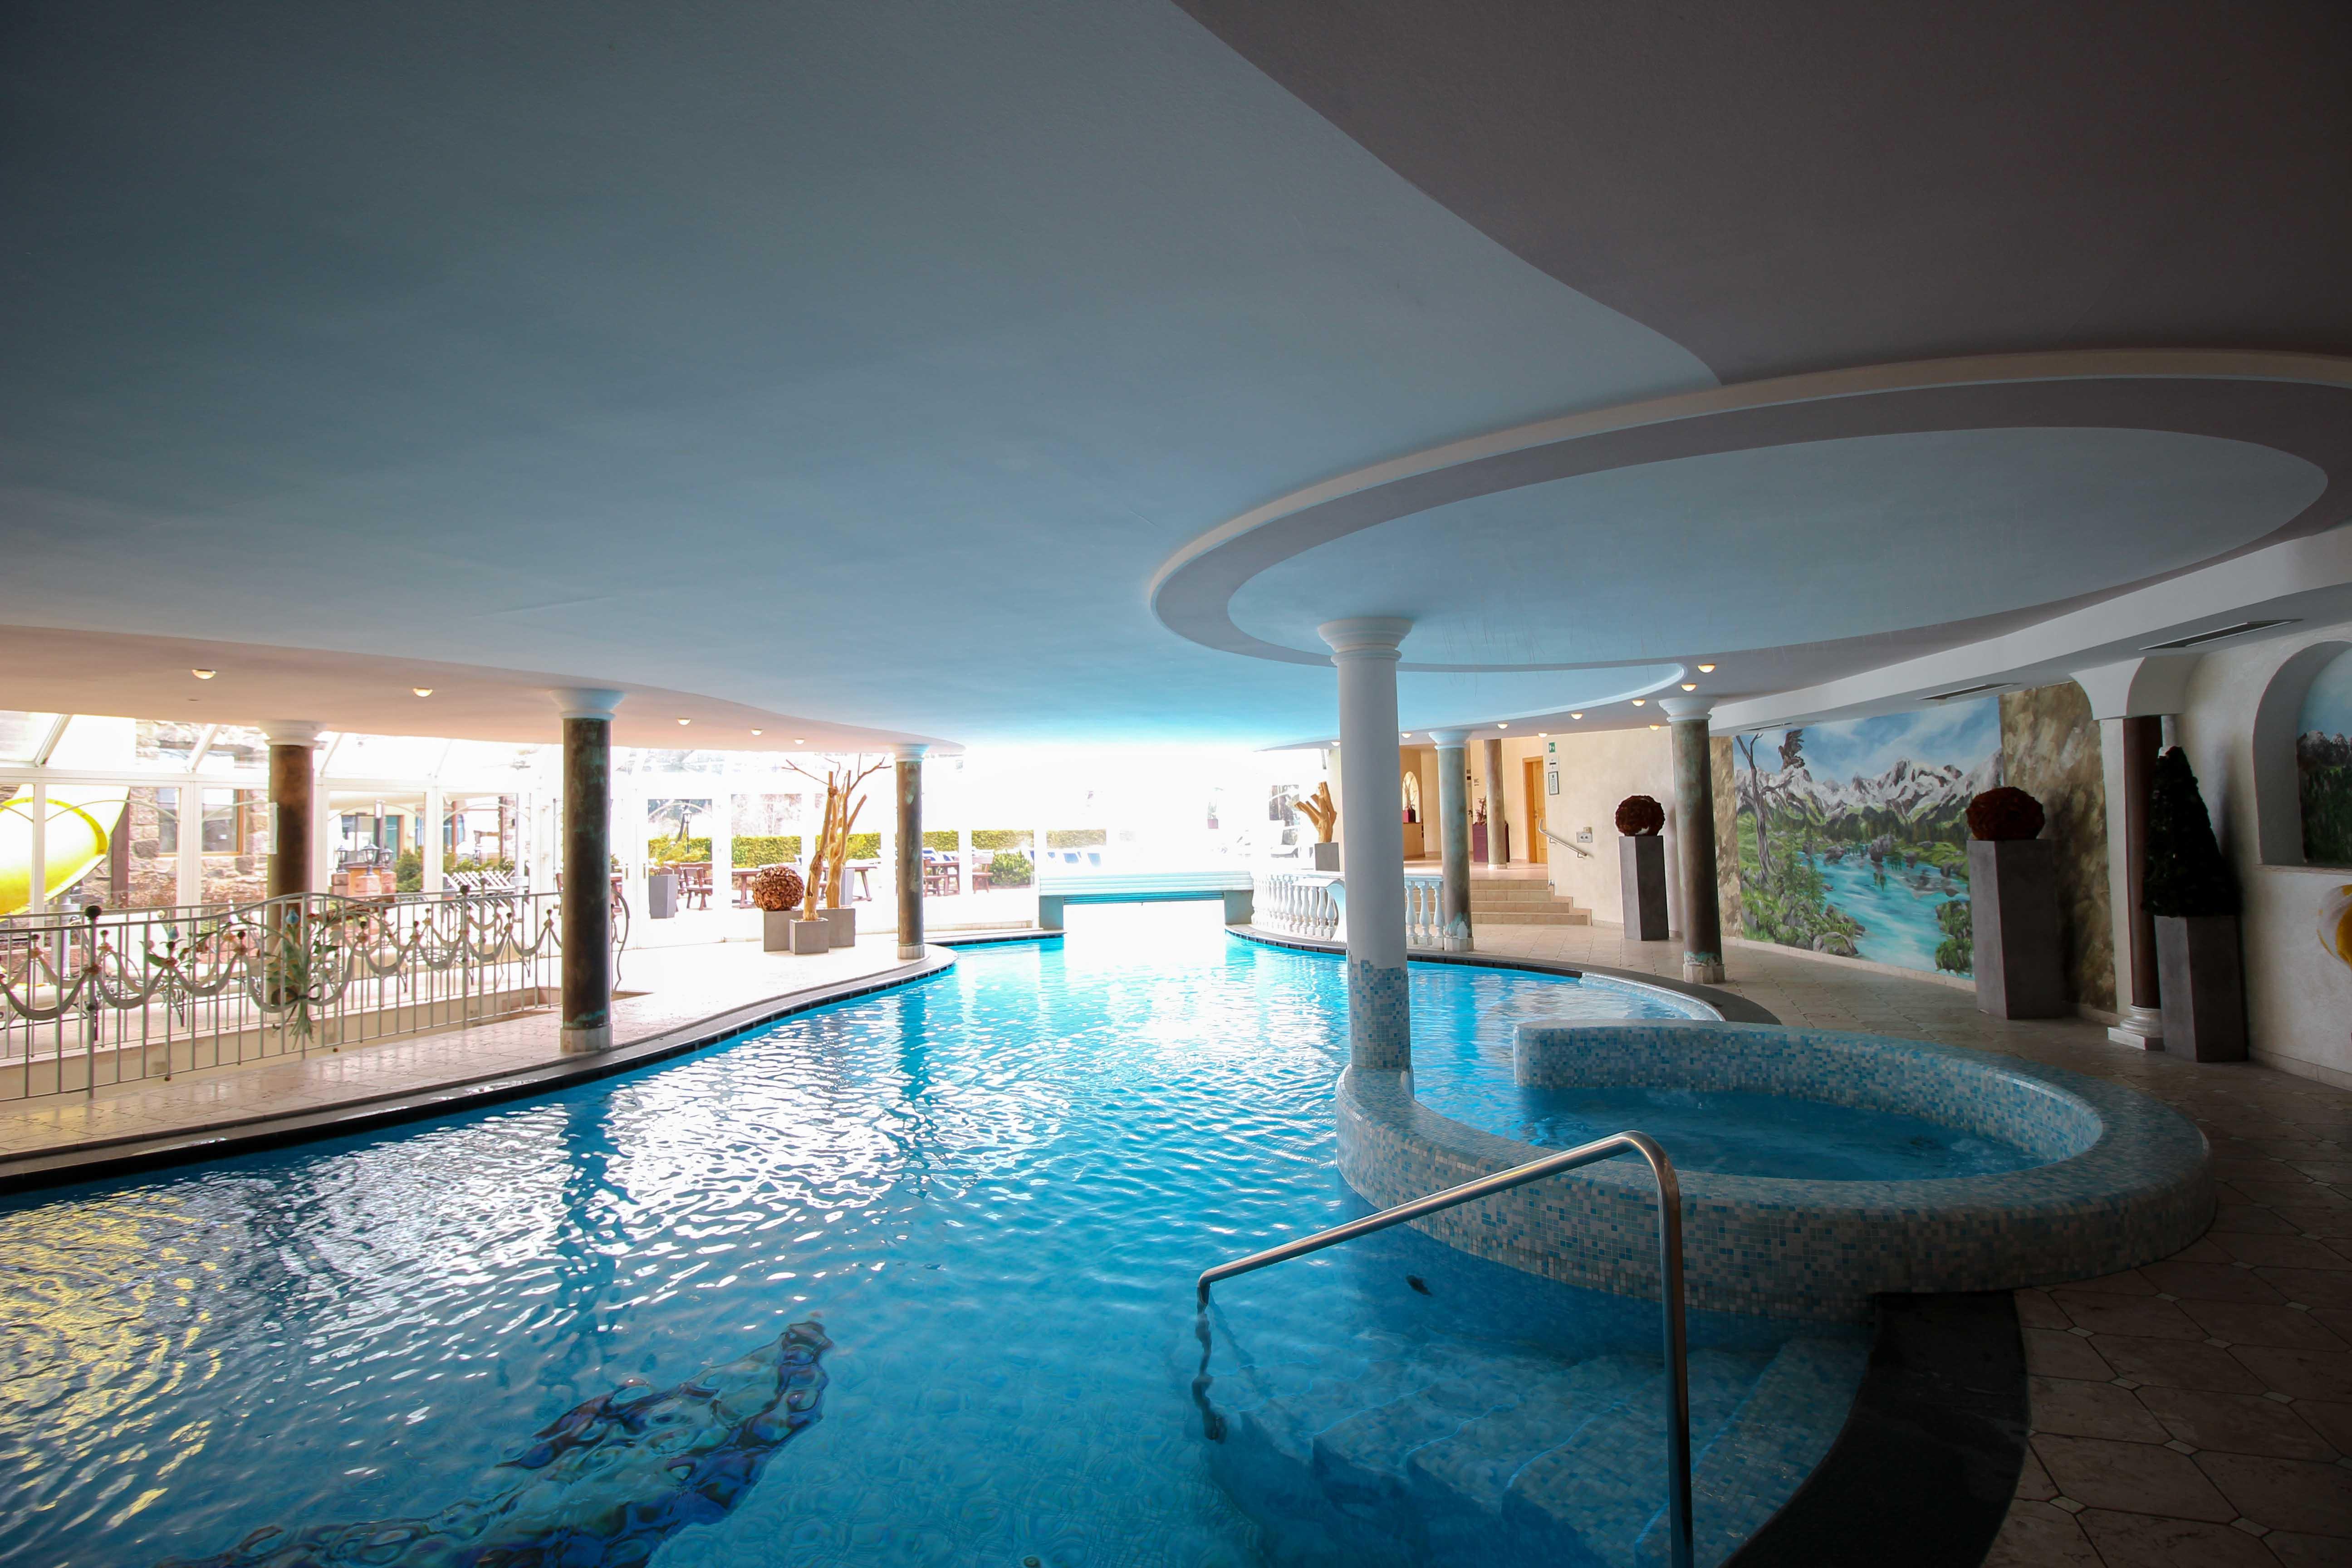 Südtirol Hotel Schneeberg Resort Spa Wellnessbereich Indoor Pool Schwimmbad Italien Wellnesshotel Reiseblog Wellnessurlaub Kurzurlaub Hotelempfehlung Skiurlaub